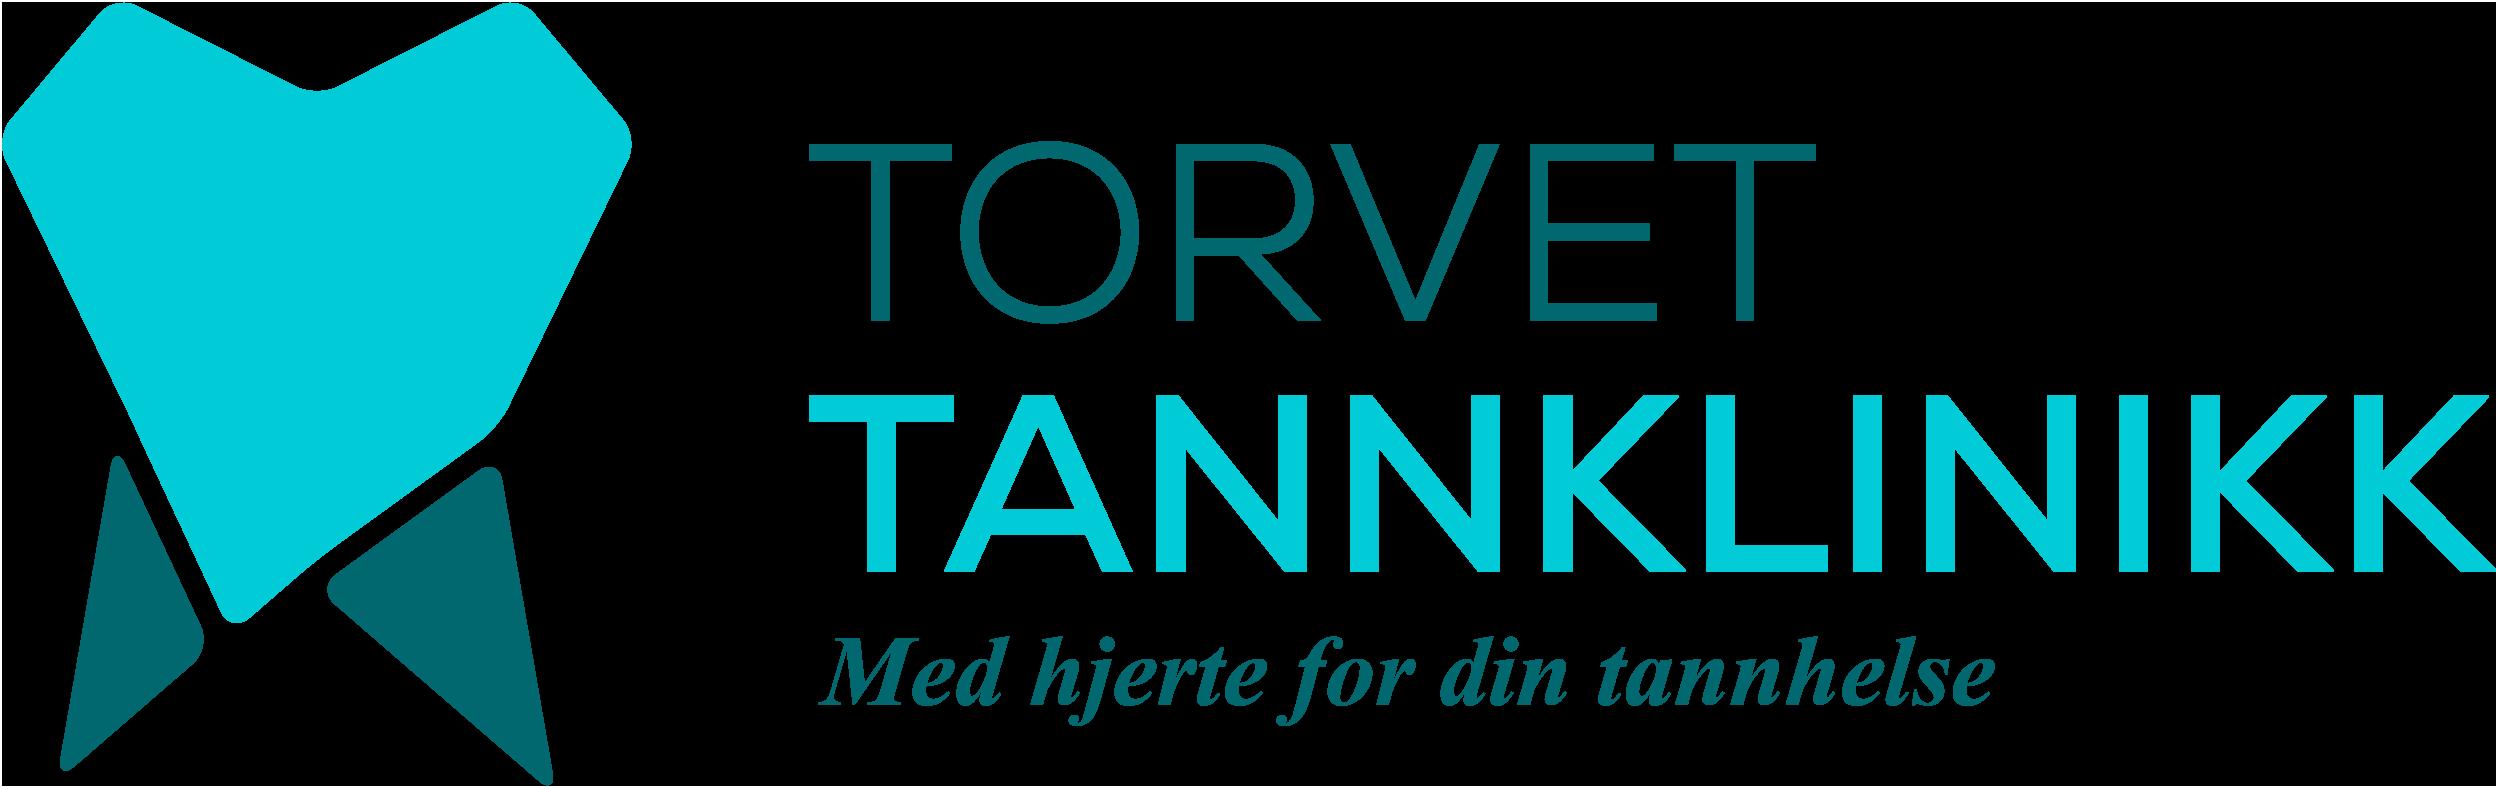 Torvet tannklinikk_ny logo_11.15_liggende logo